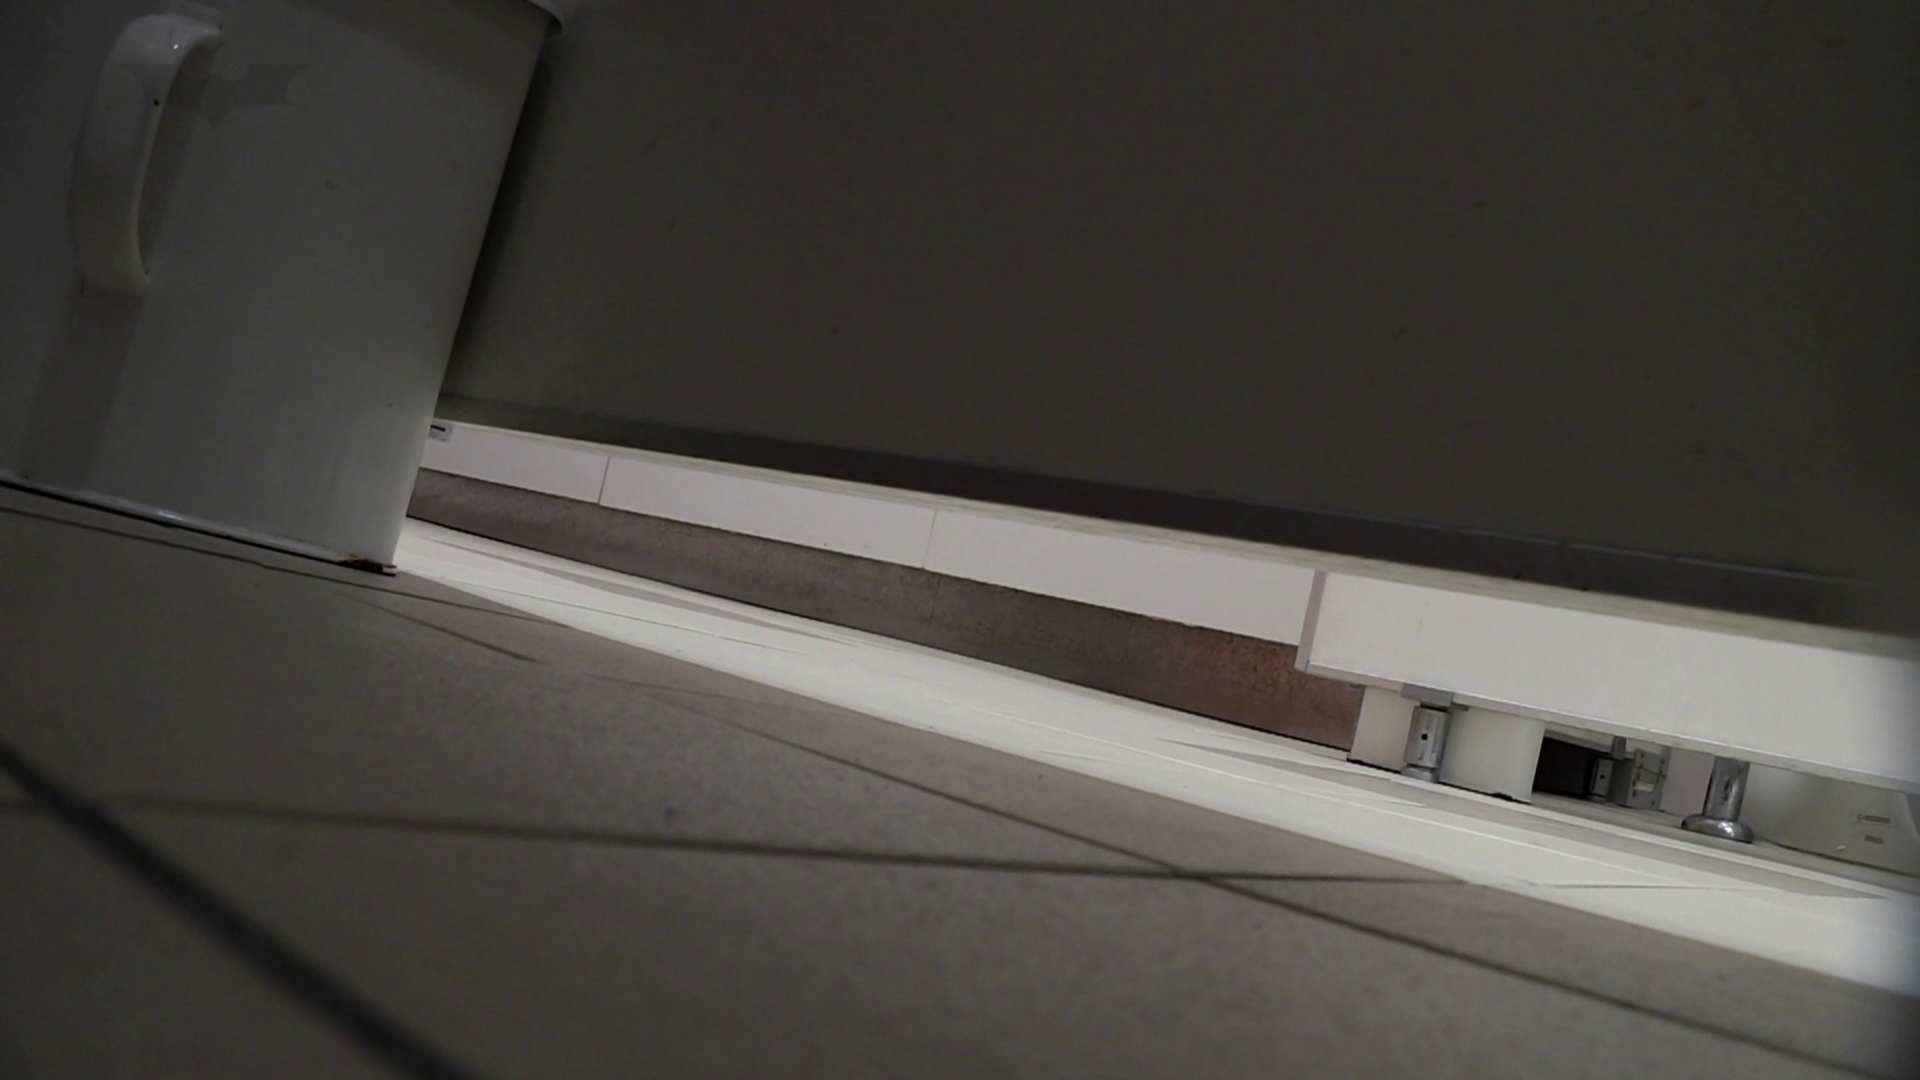 巨乳おまんこ:日本の未来 No.07 NO5ついに異次元に侵入の顔撮り初公開です。:怪盗ジョーカー